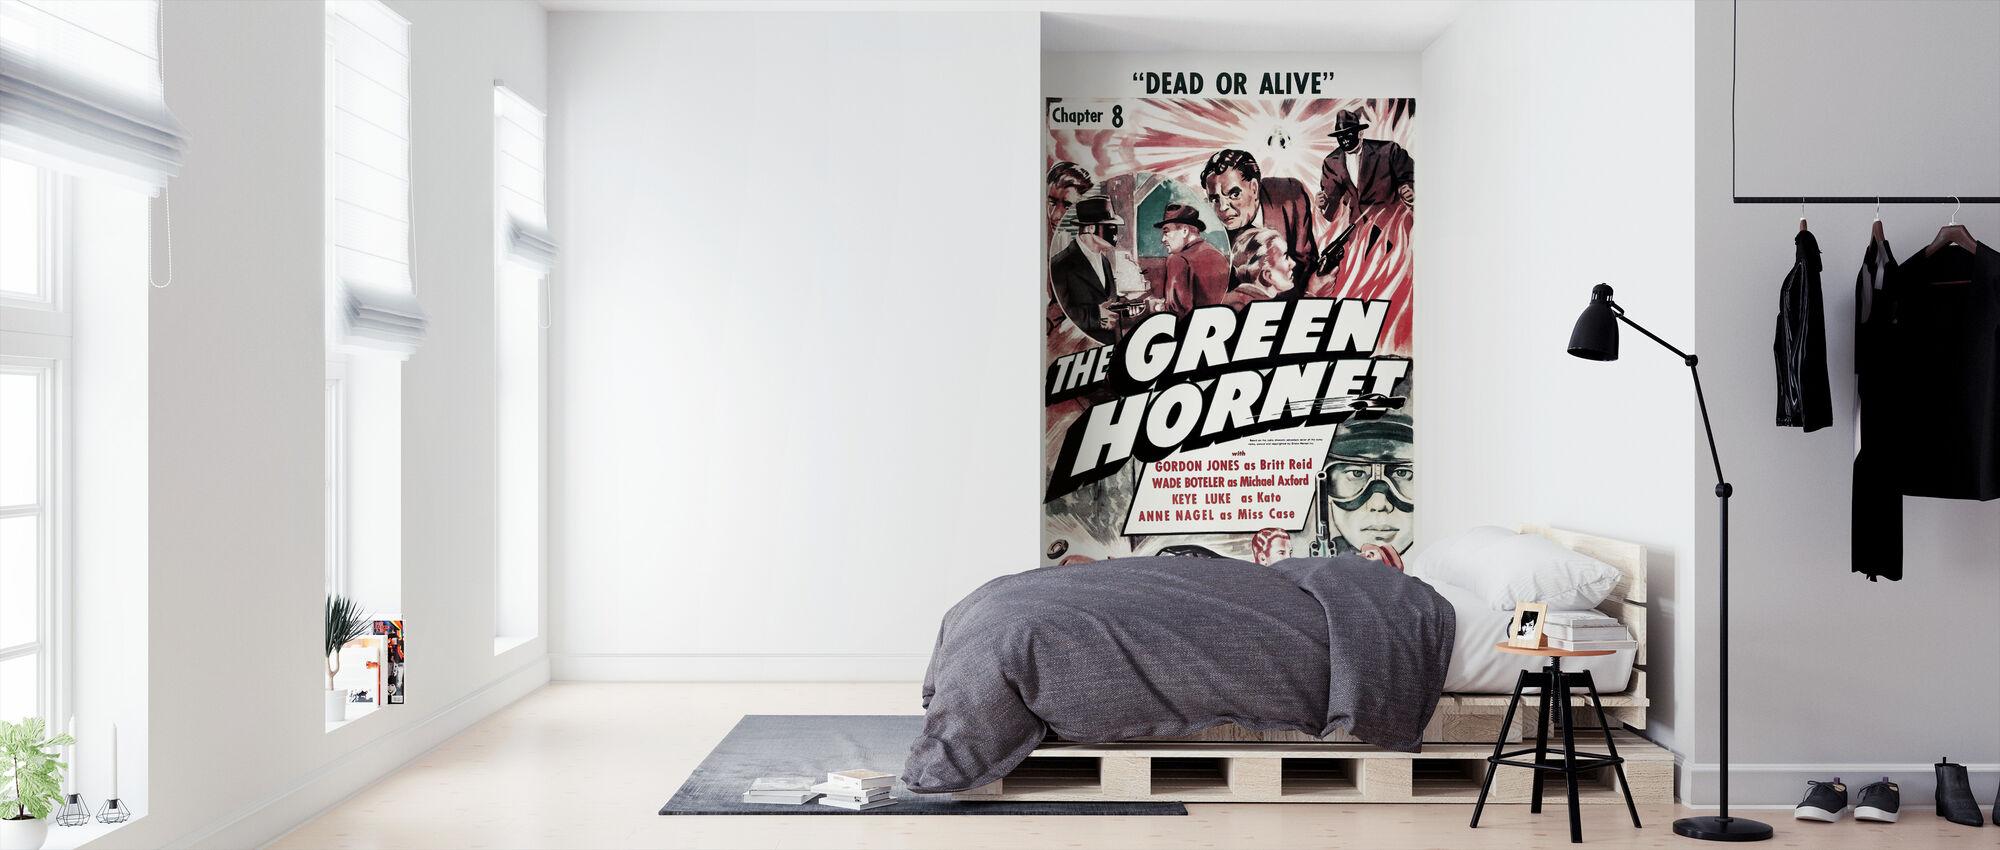 Movie Poster De Groene Hornet - Behang - Slaapkamer